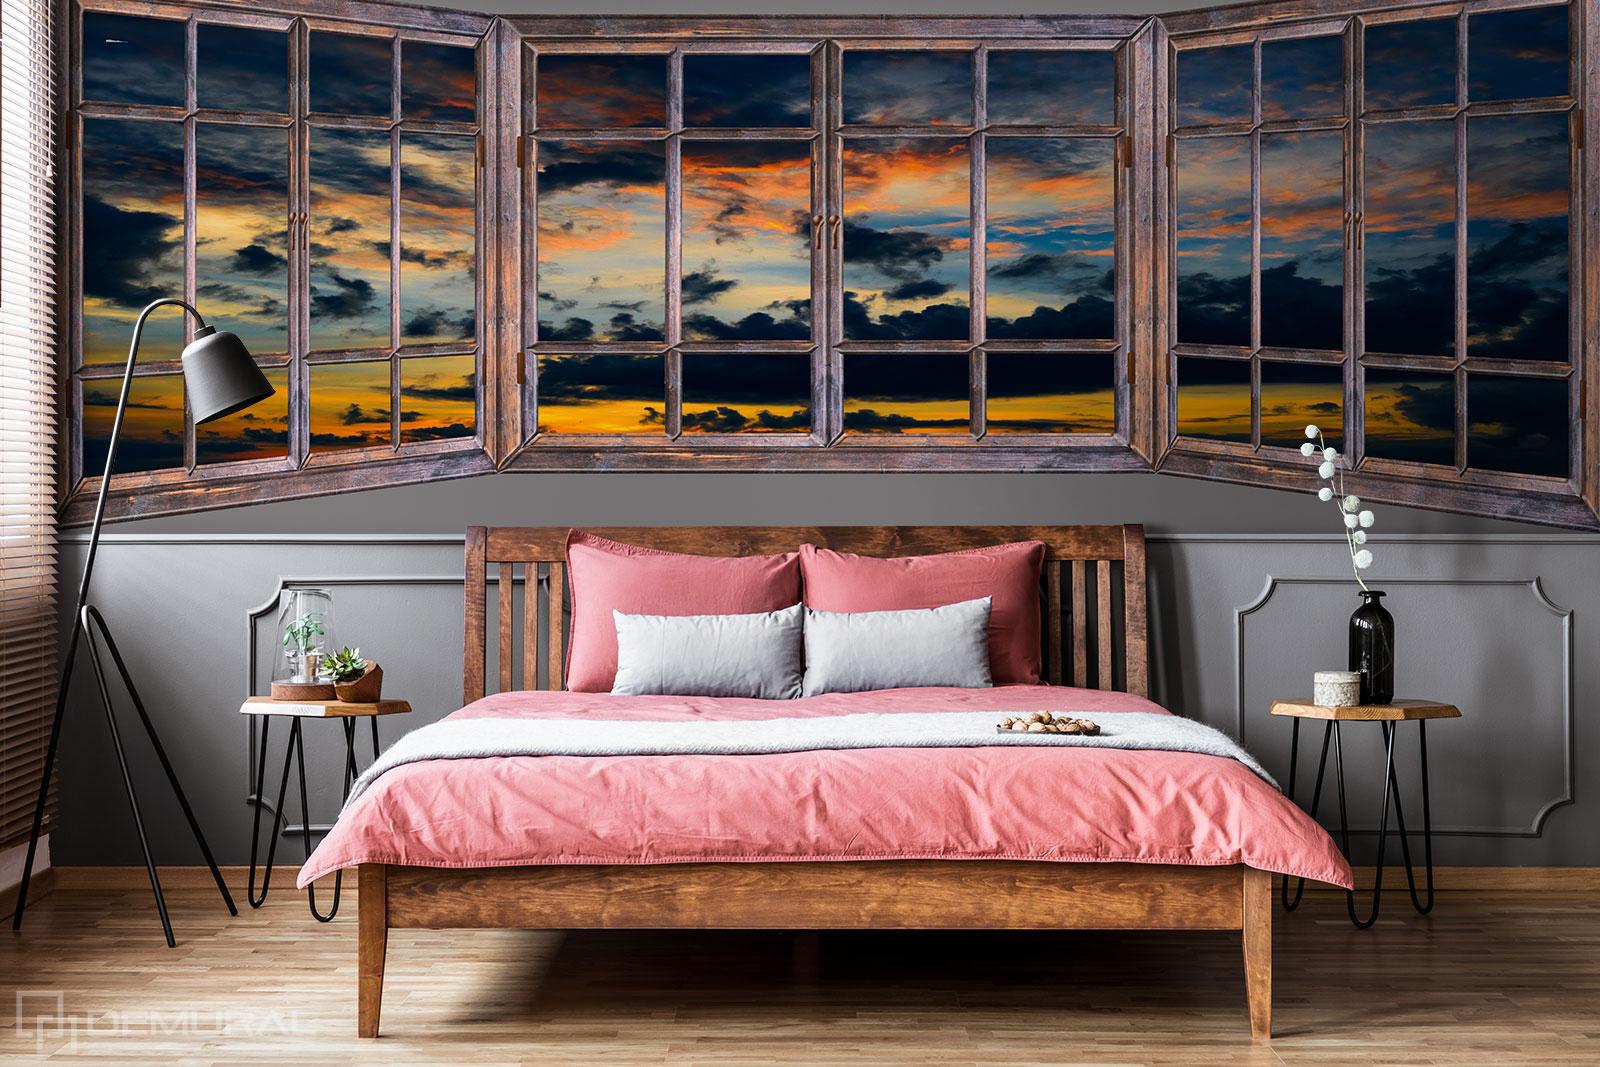 Papier peint Coucher de soleil en dehors de la fenêtre - Papier peint Fenêtre - Demural